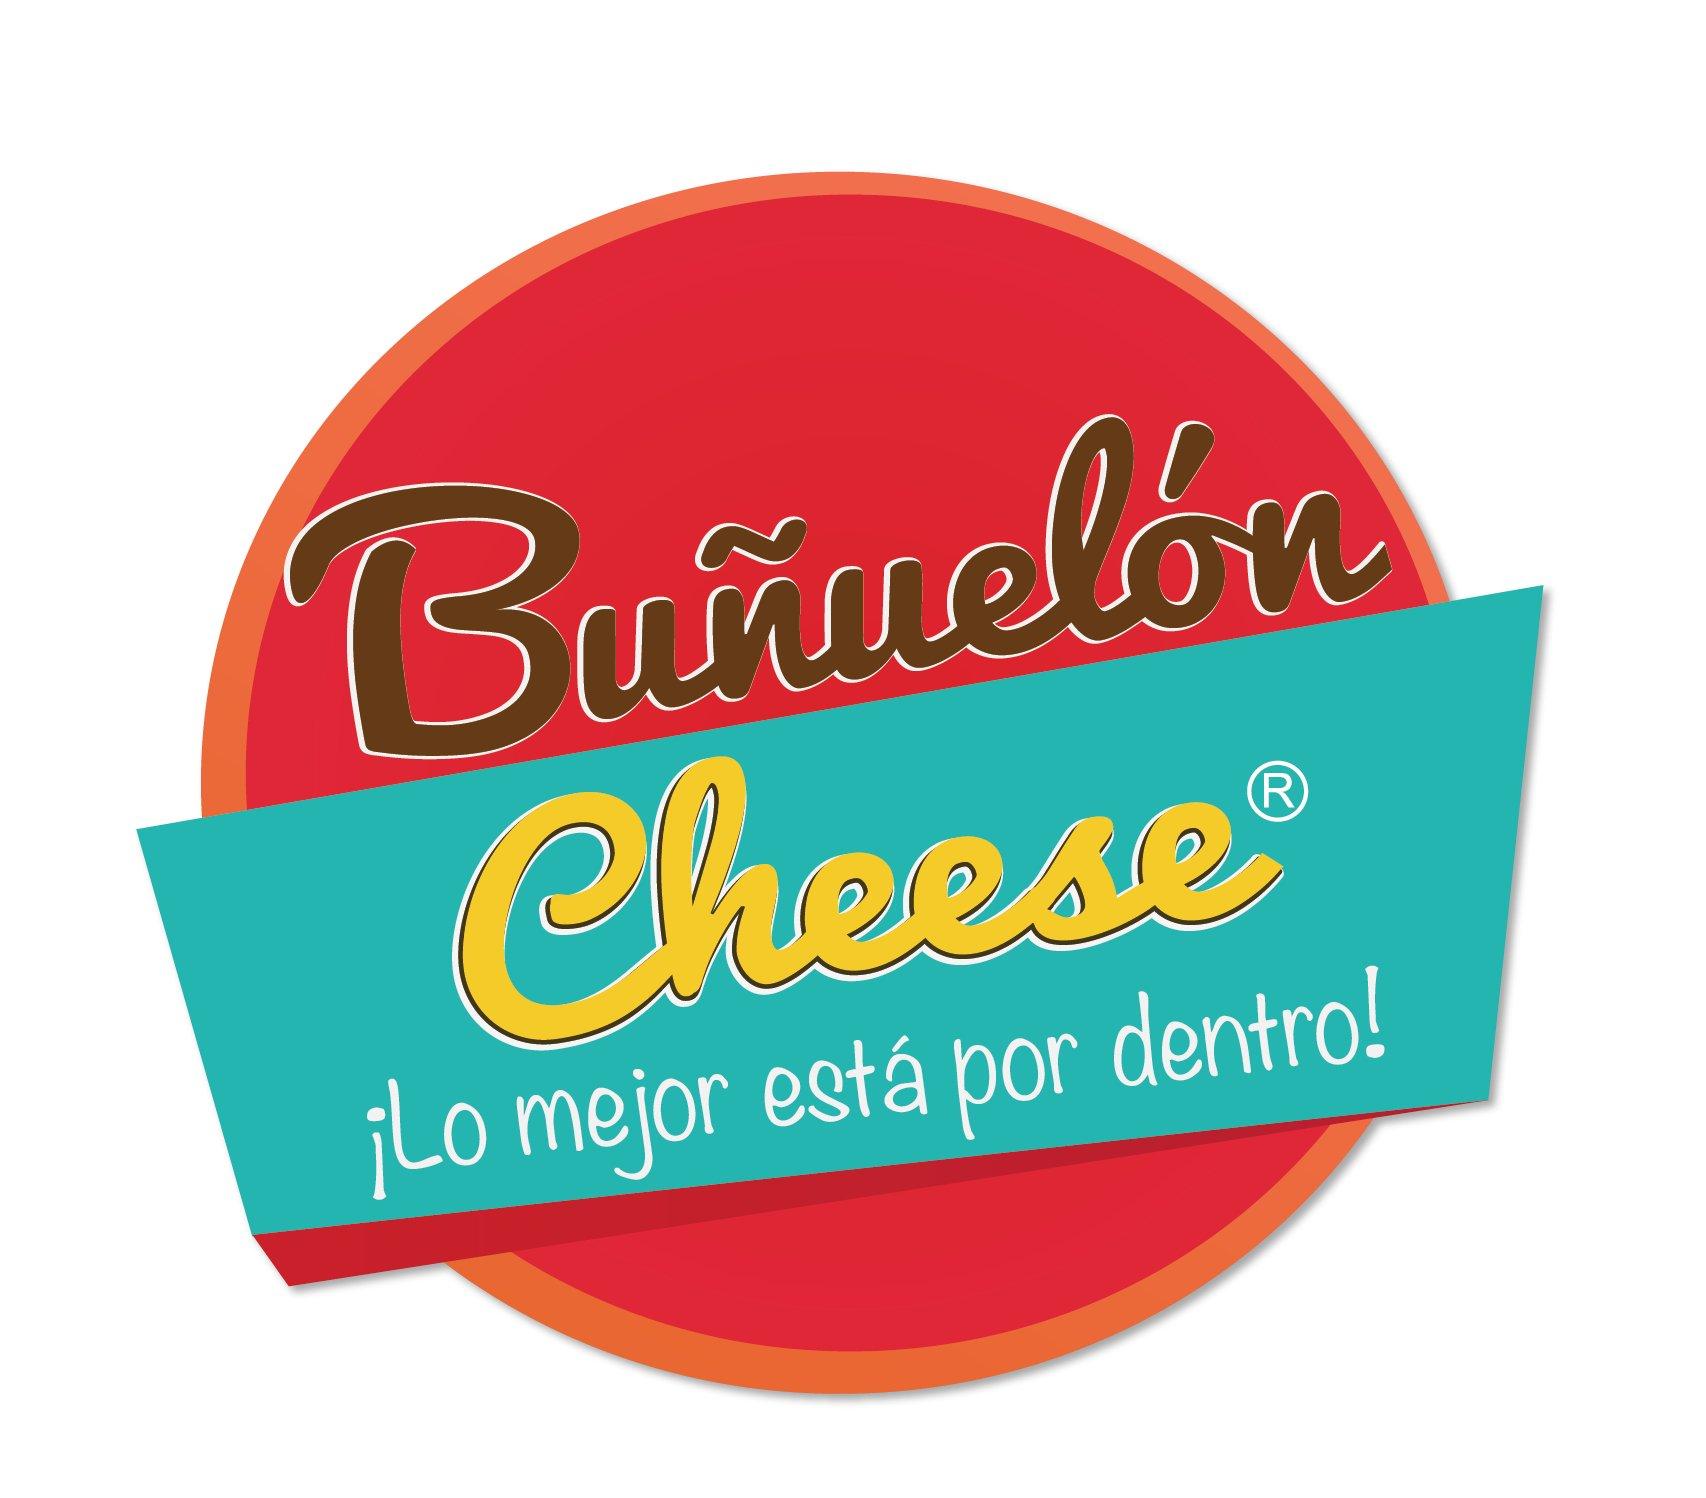 Buñuelón Cheese-Medellín CC Bosque Plaza